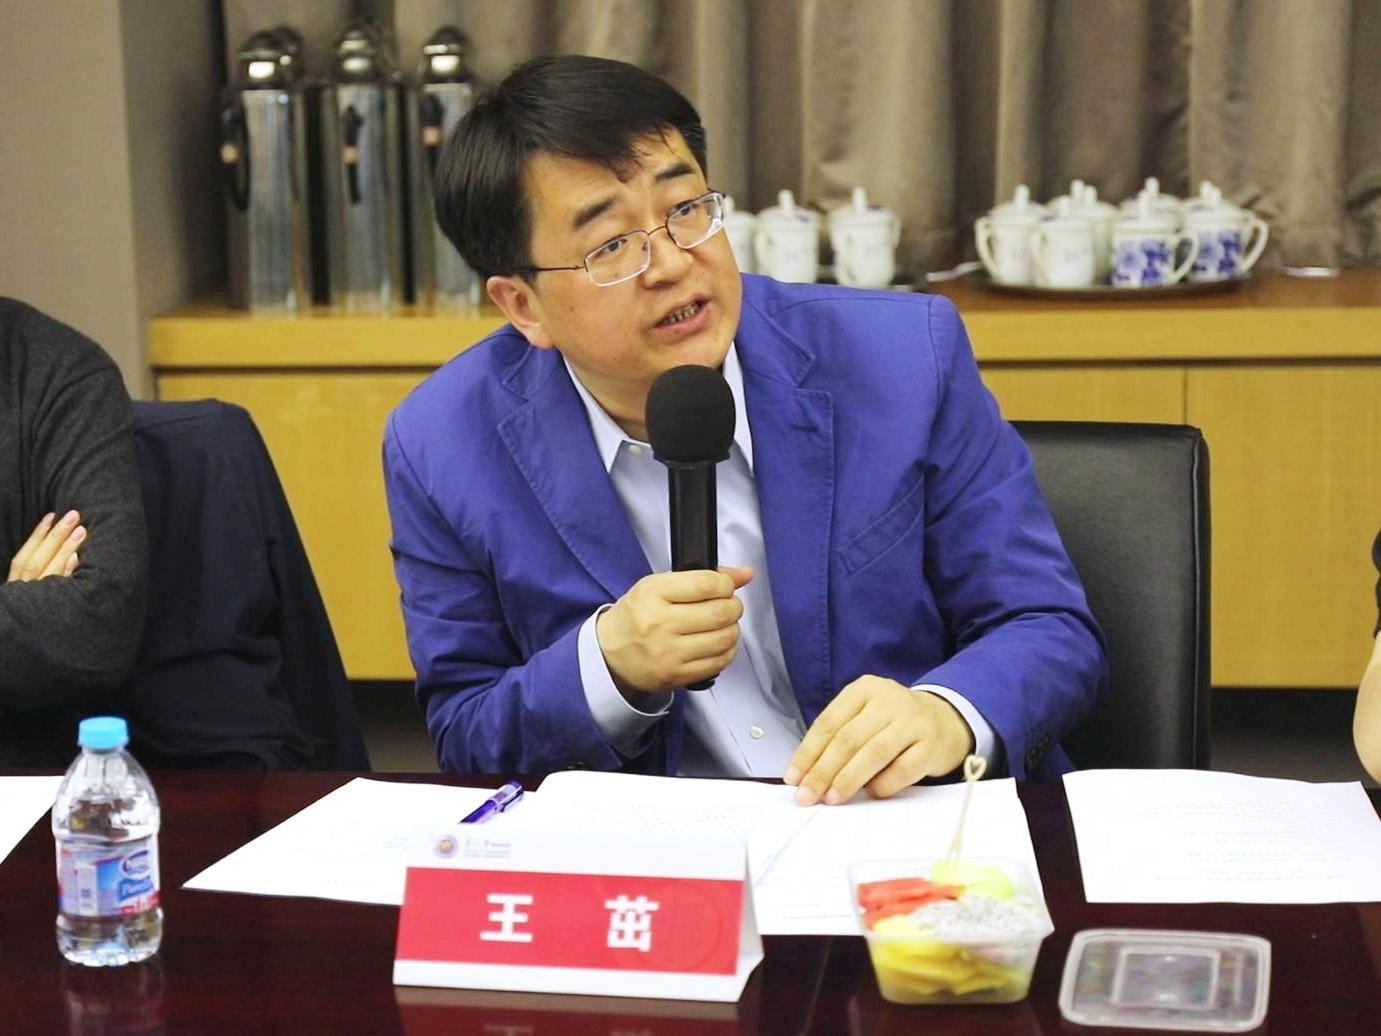 <span>上海磐締投資管理有限公司總經理 王茁</span>